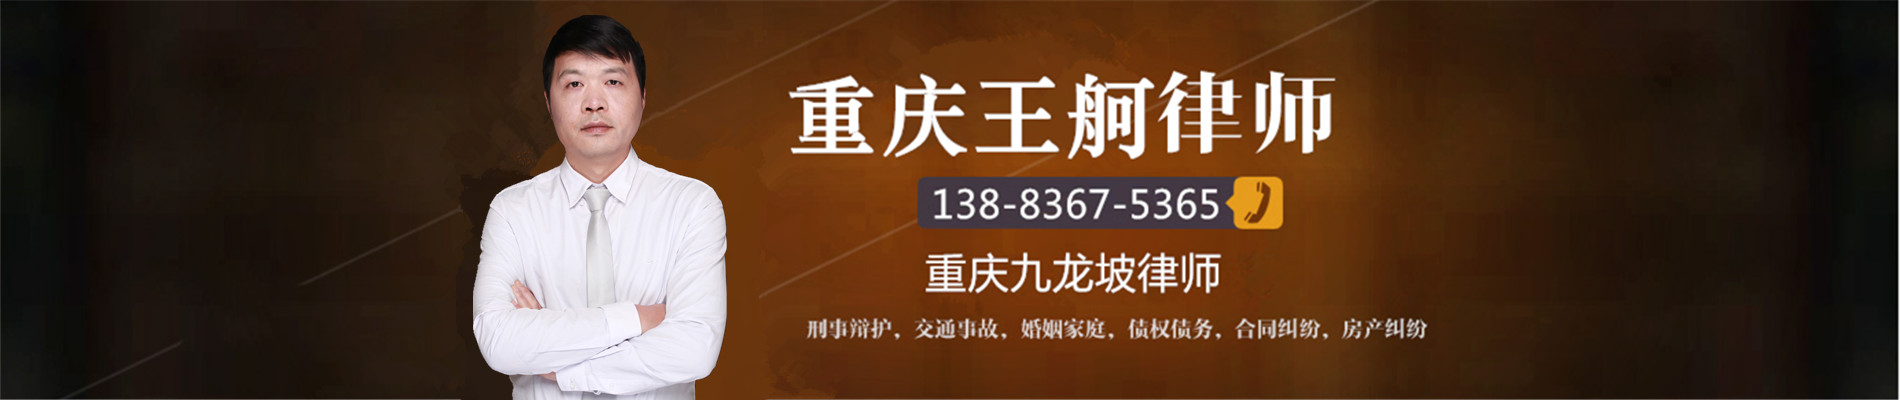 重庆九龙坡律师大图二